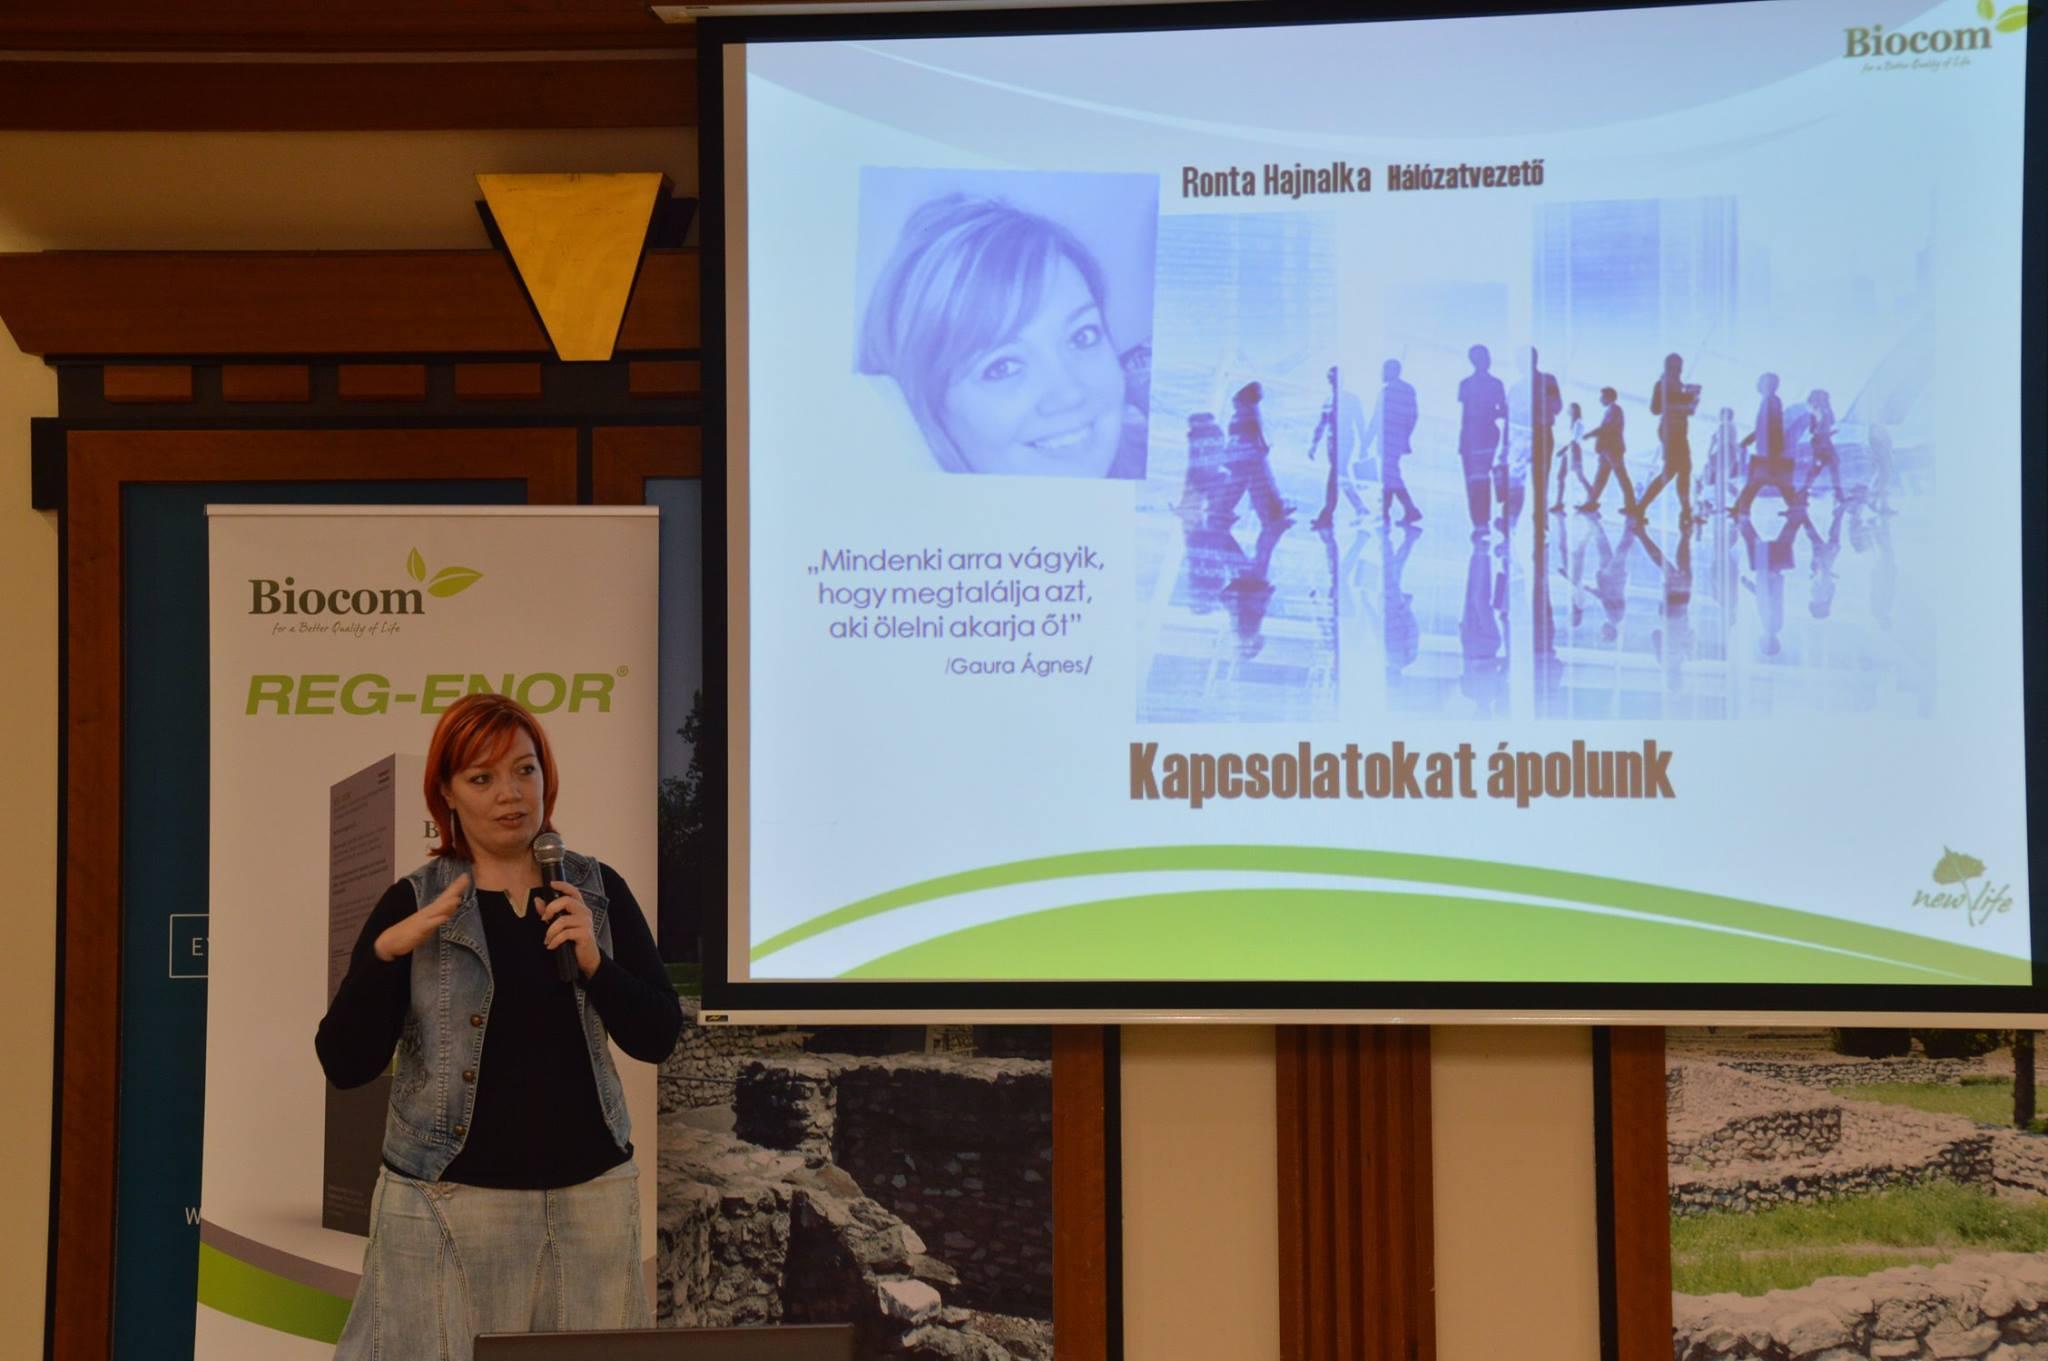 Az ápolás része a kapcsolatépítésnek – Ronta Hajnalka erről is beszélt